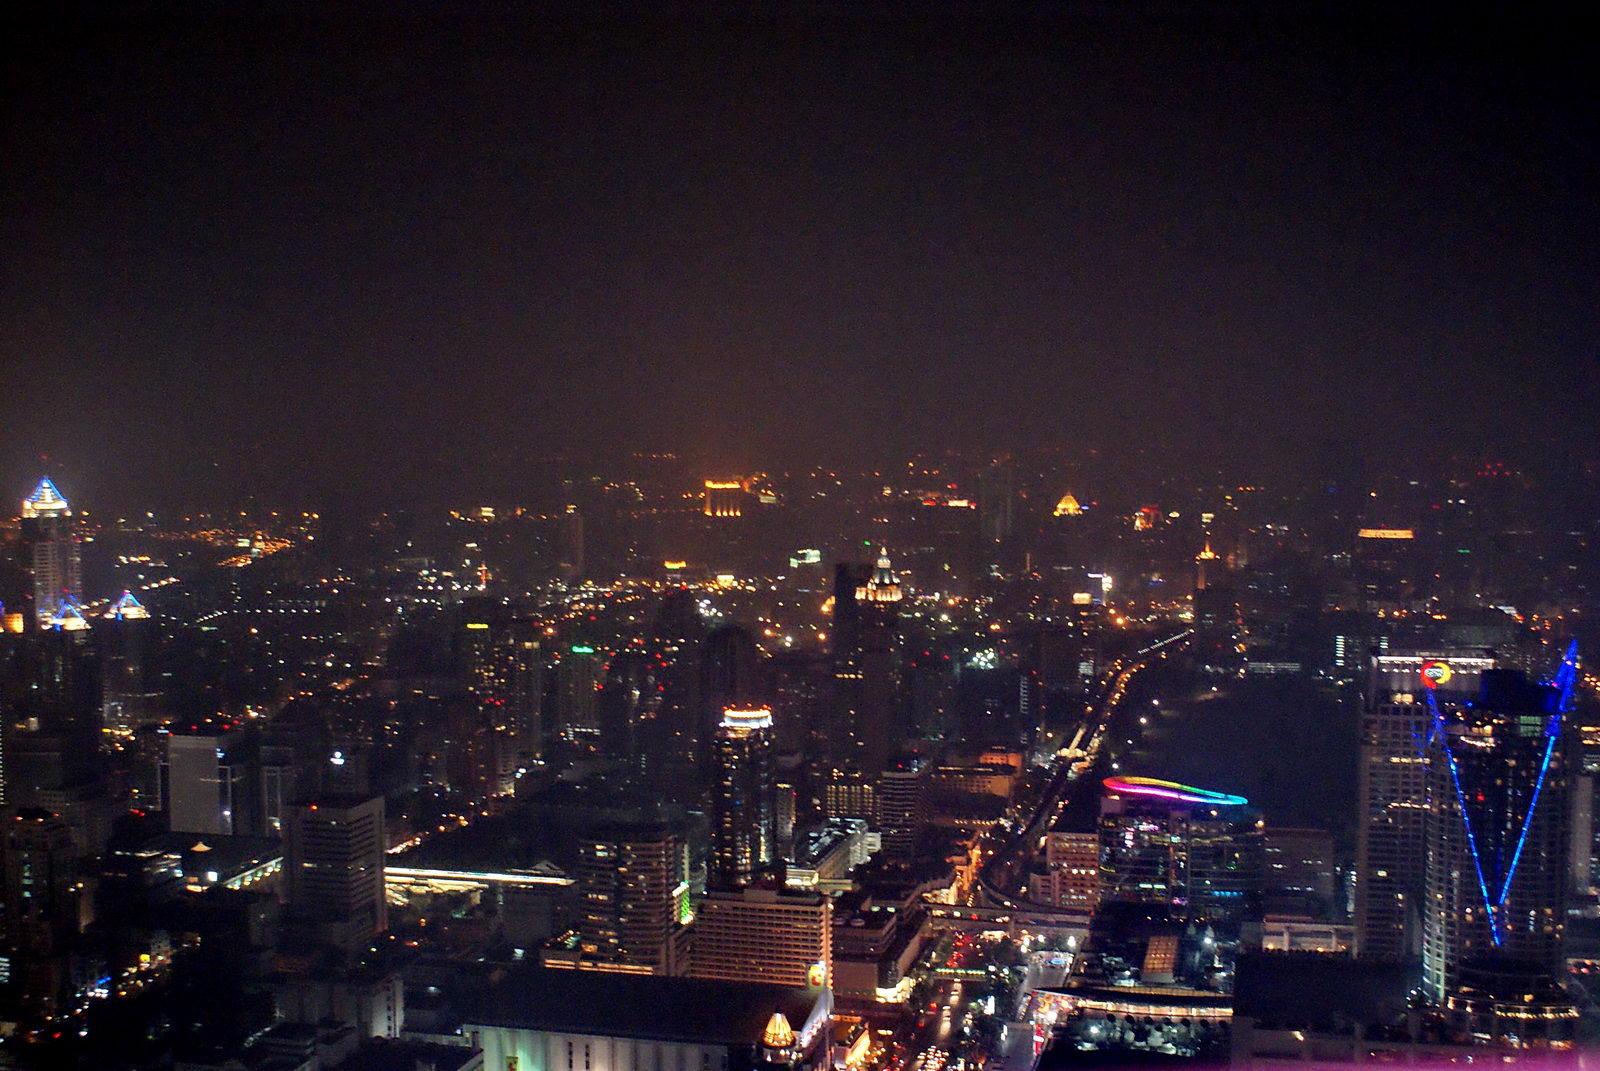 нем всегда фото ночного бангкока с самолета образе сестры милосердия